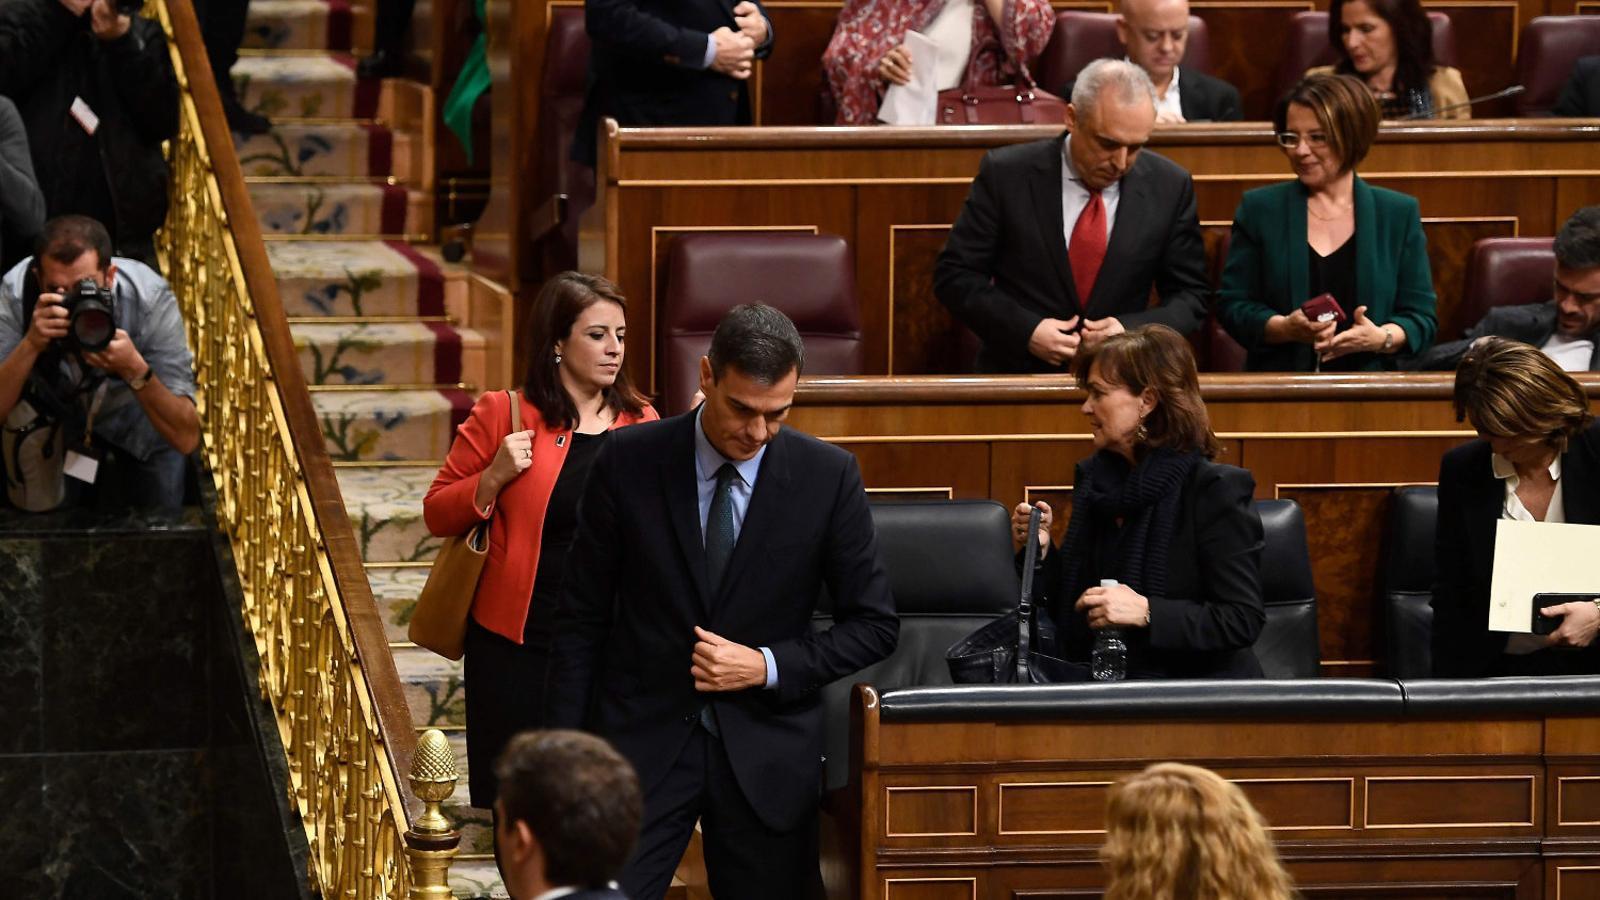 El president del govern espanyol, Pedro Sánchez, marxa del Congrés dimecres després de veure com fracassaven els seus pressupostos.